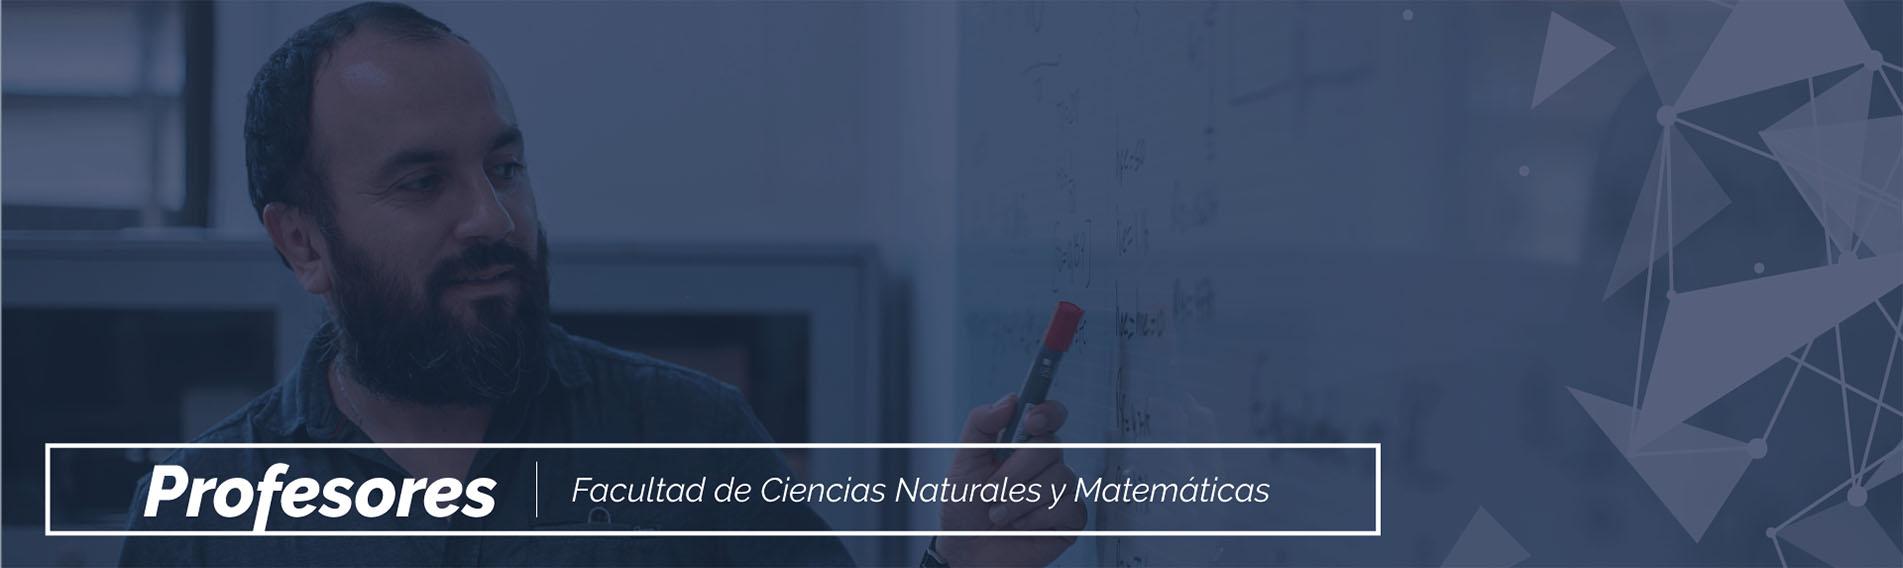 Imagen de cabecera para micrositio de los profesores de la Universidad de Ibagué